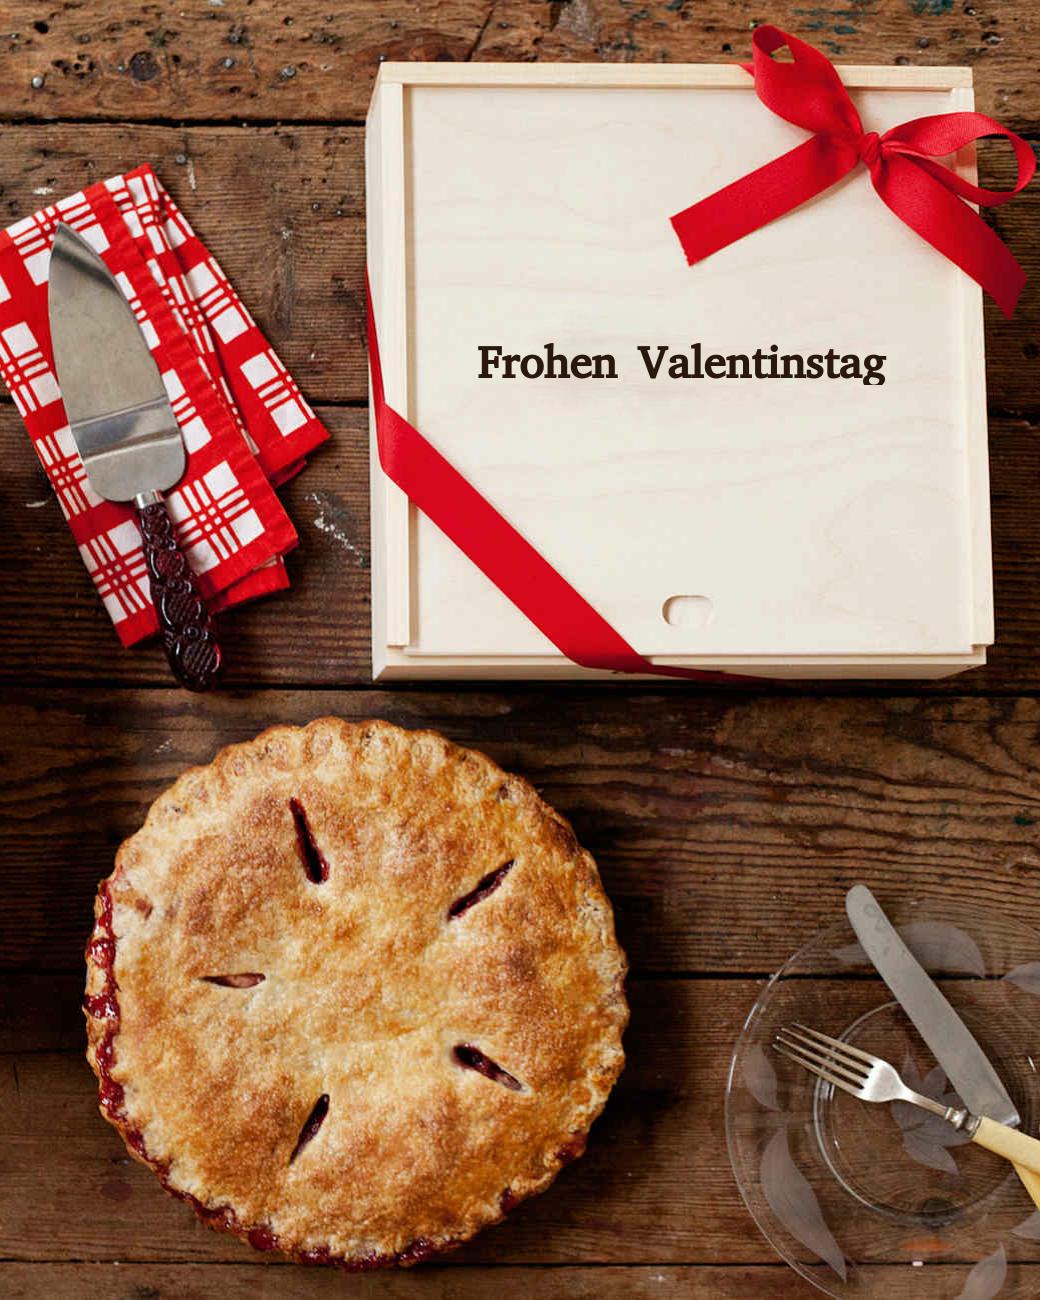 Die entgegenfiebernde Selektion von Geschenke Ideen zum Valentinstag ist hier